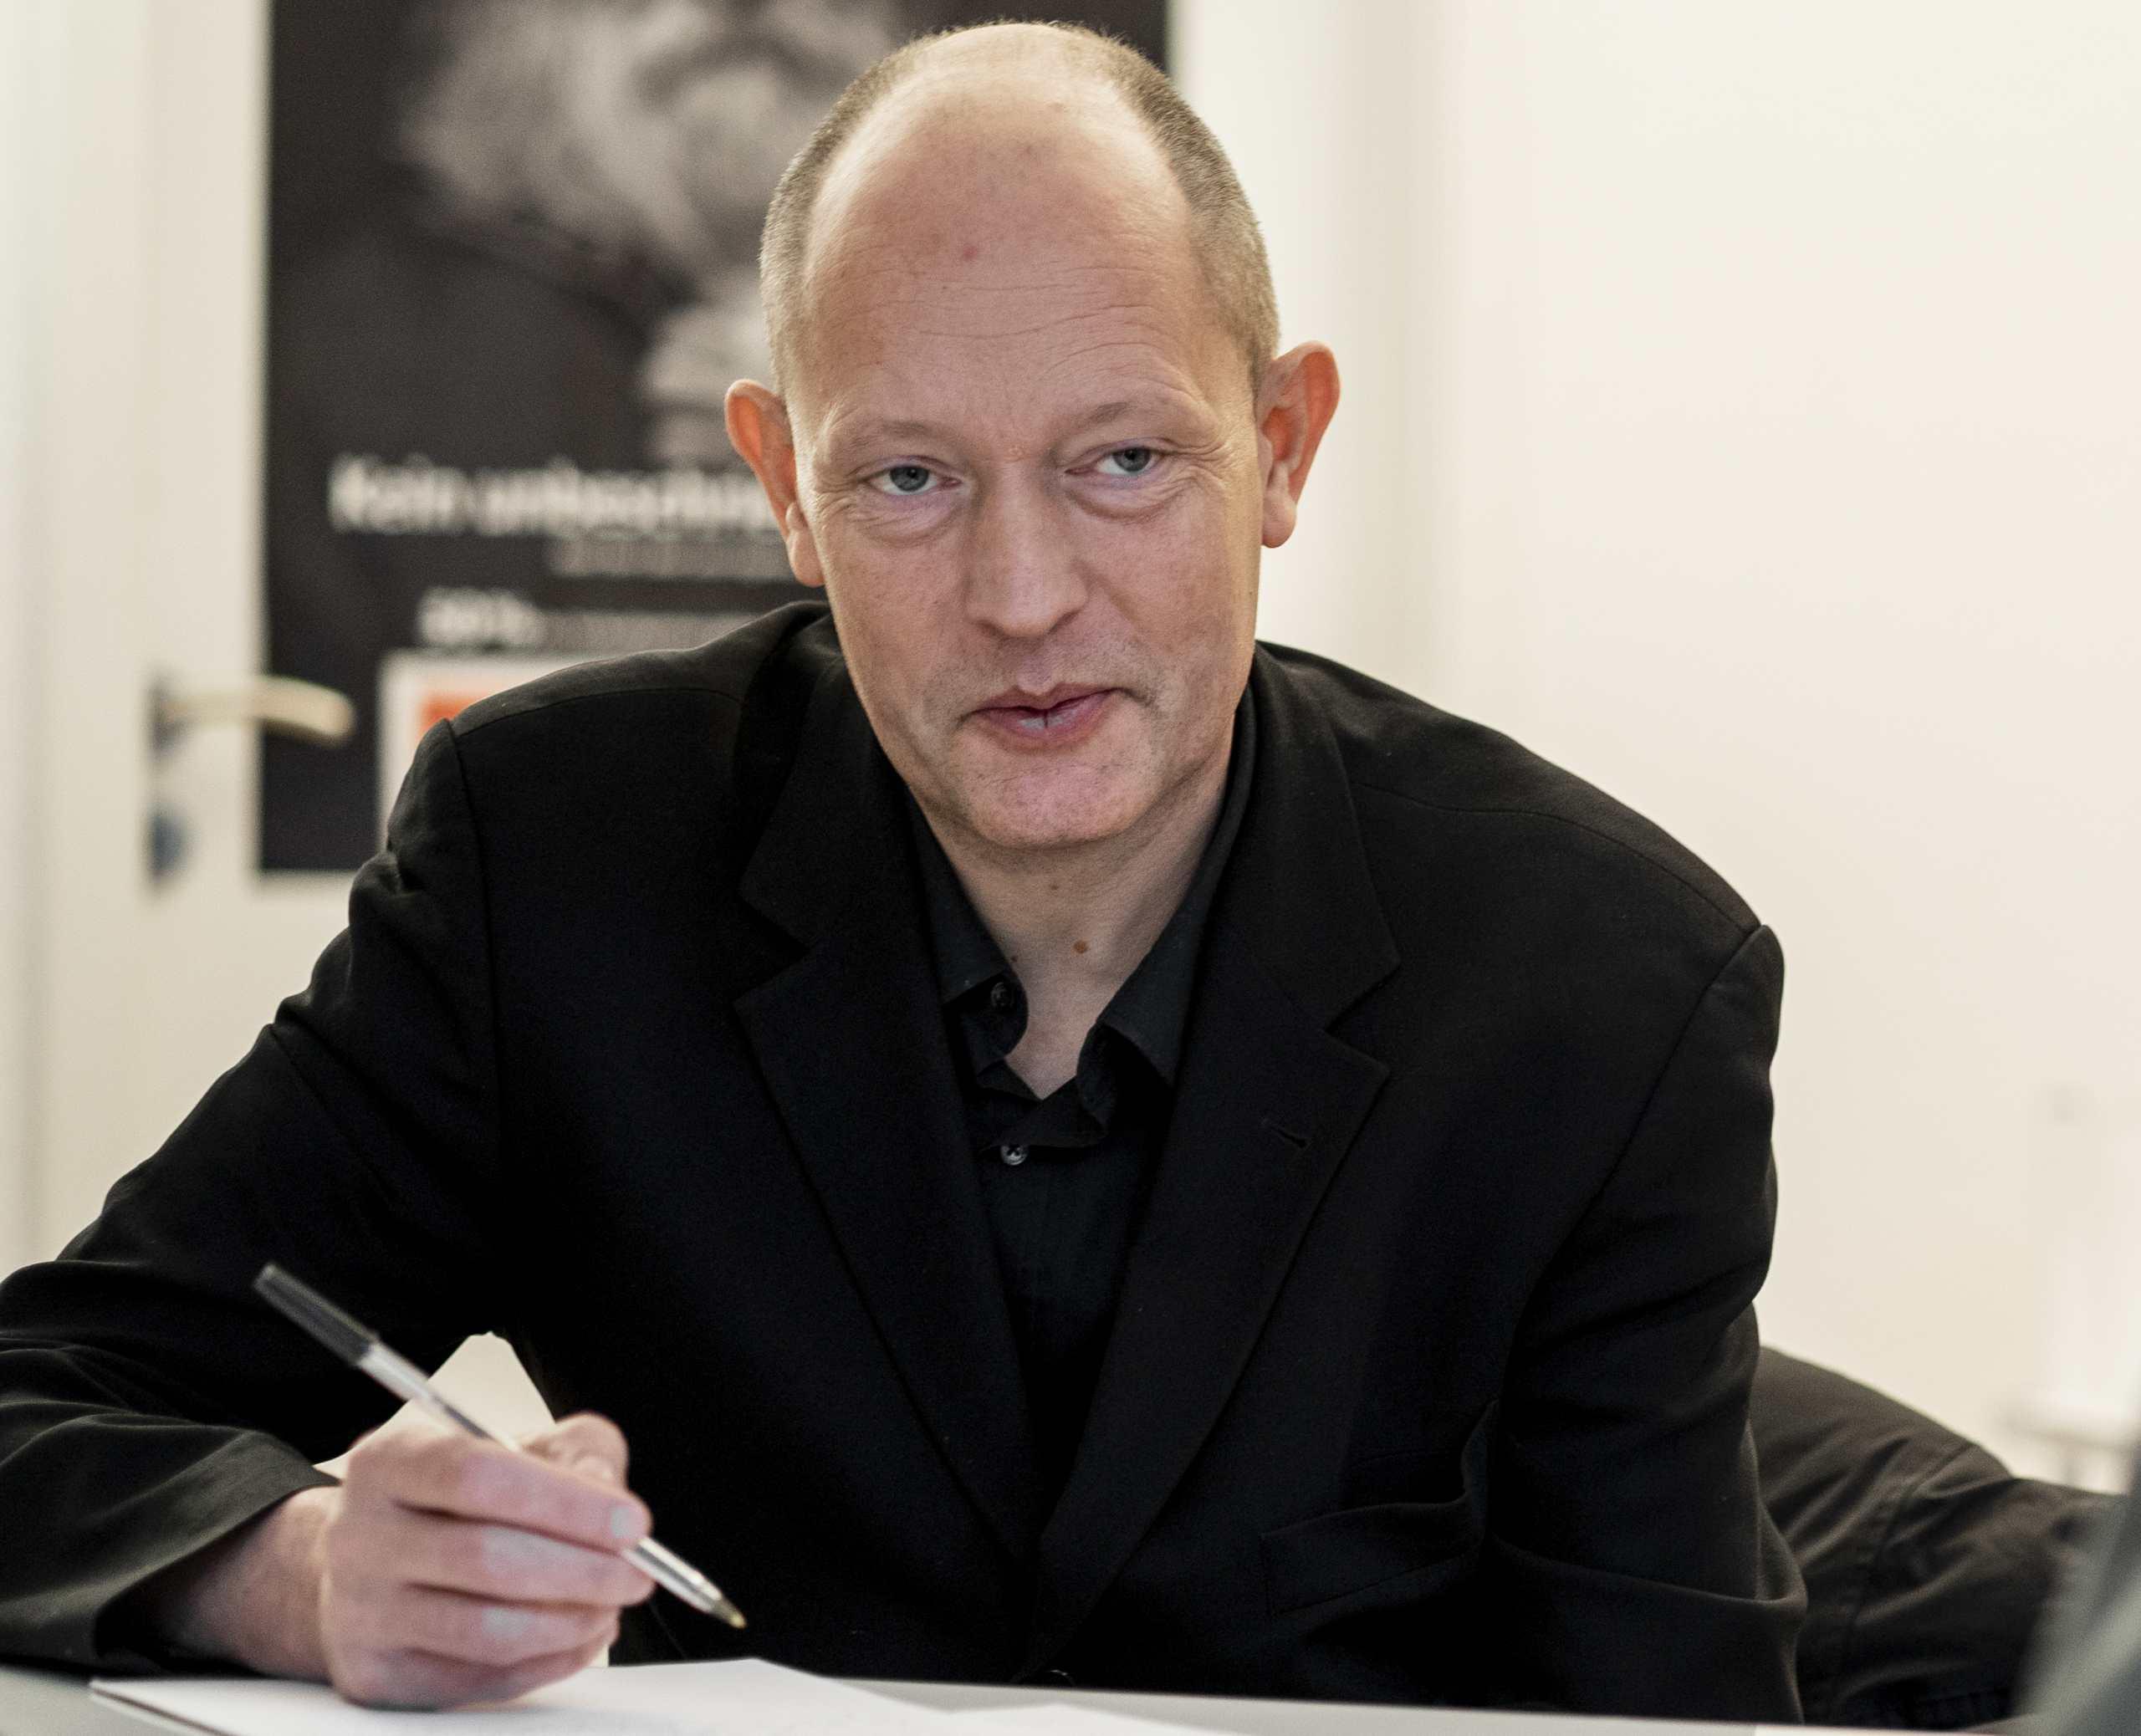 Bild von Frank Schön, während er sich bei einem Interview Notizen macht